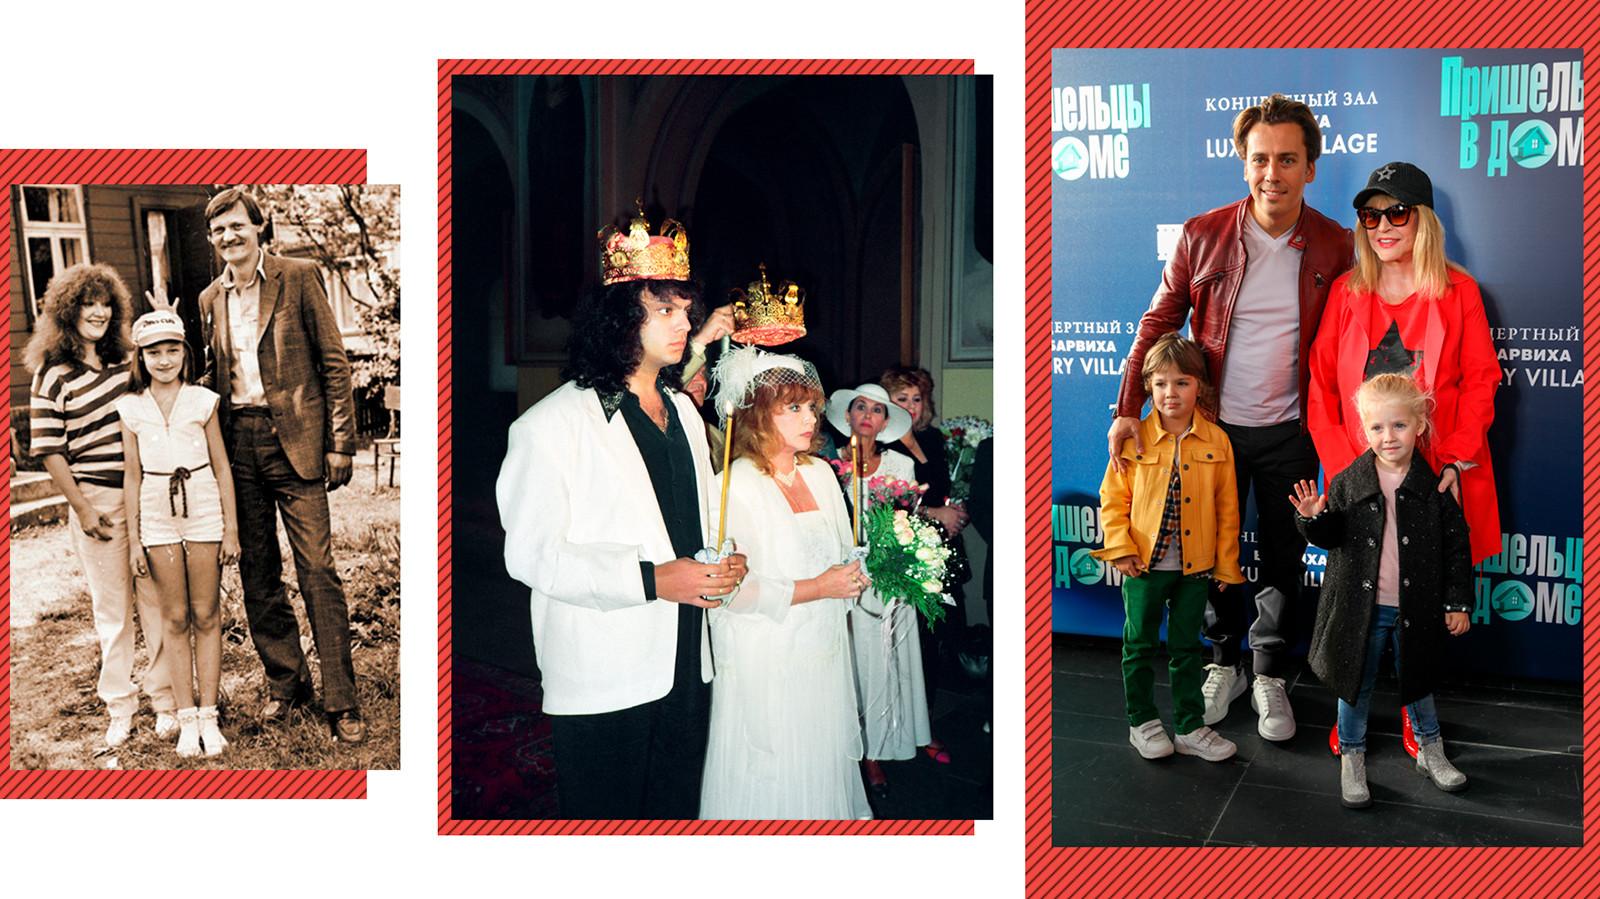 Alla, su primer marido Mijaíl y su hija Kristina (a la izq.); Alla y su marido Filipp en 1994; Alla y Maxim con sus hijos en 2018.